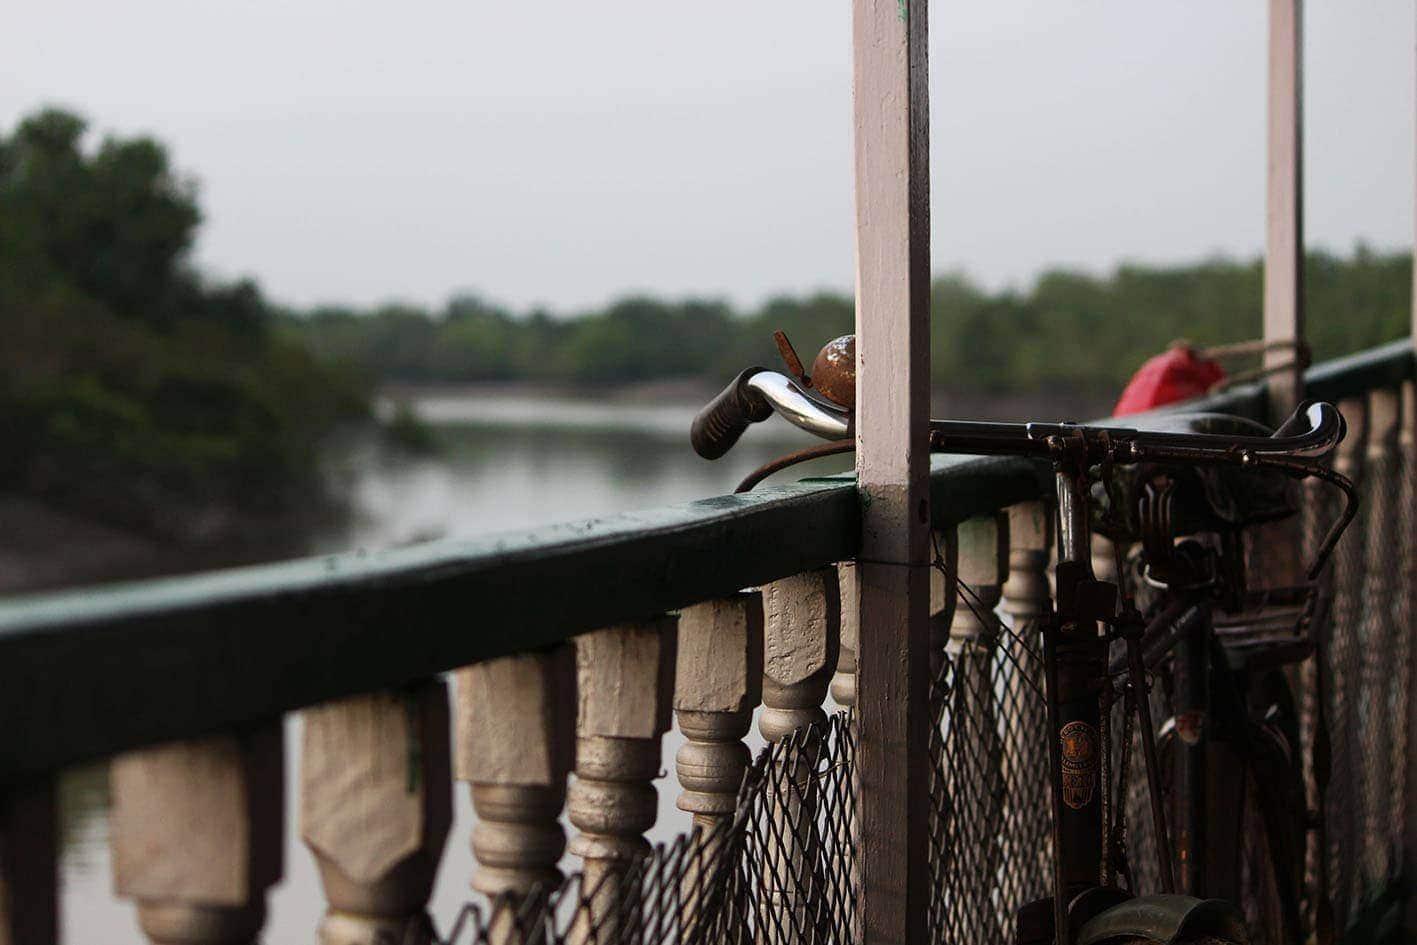 Imagen de una bici apoya en la barandilla de un puente